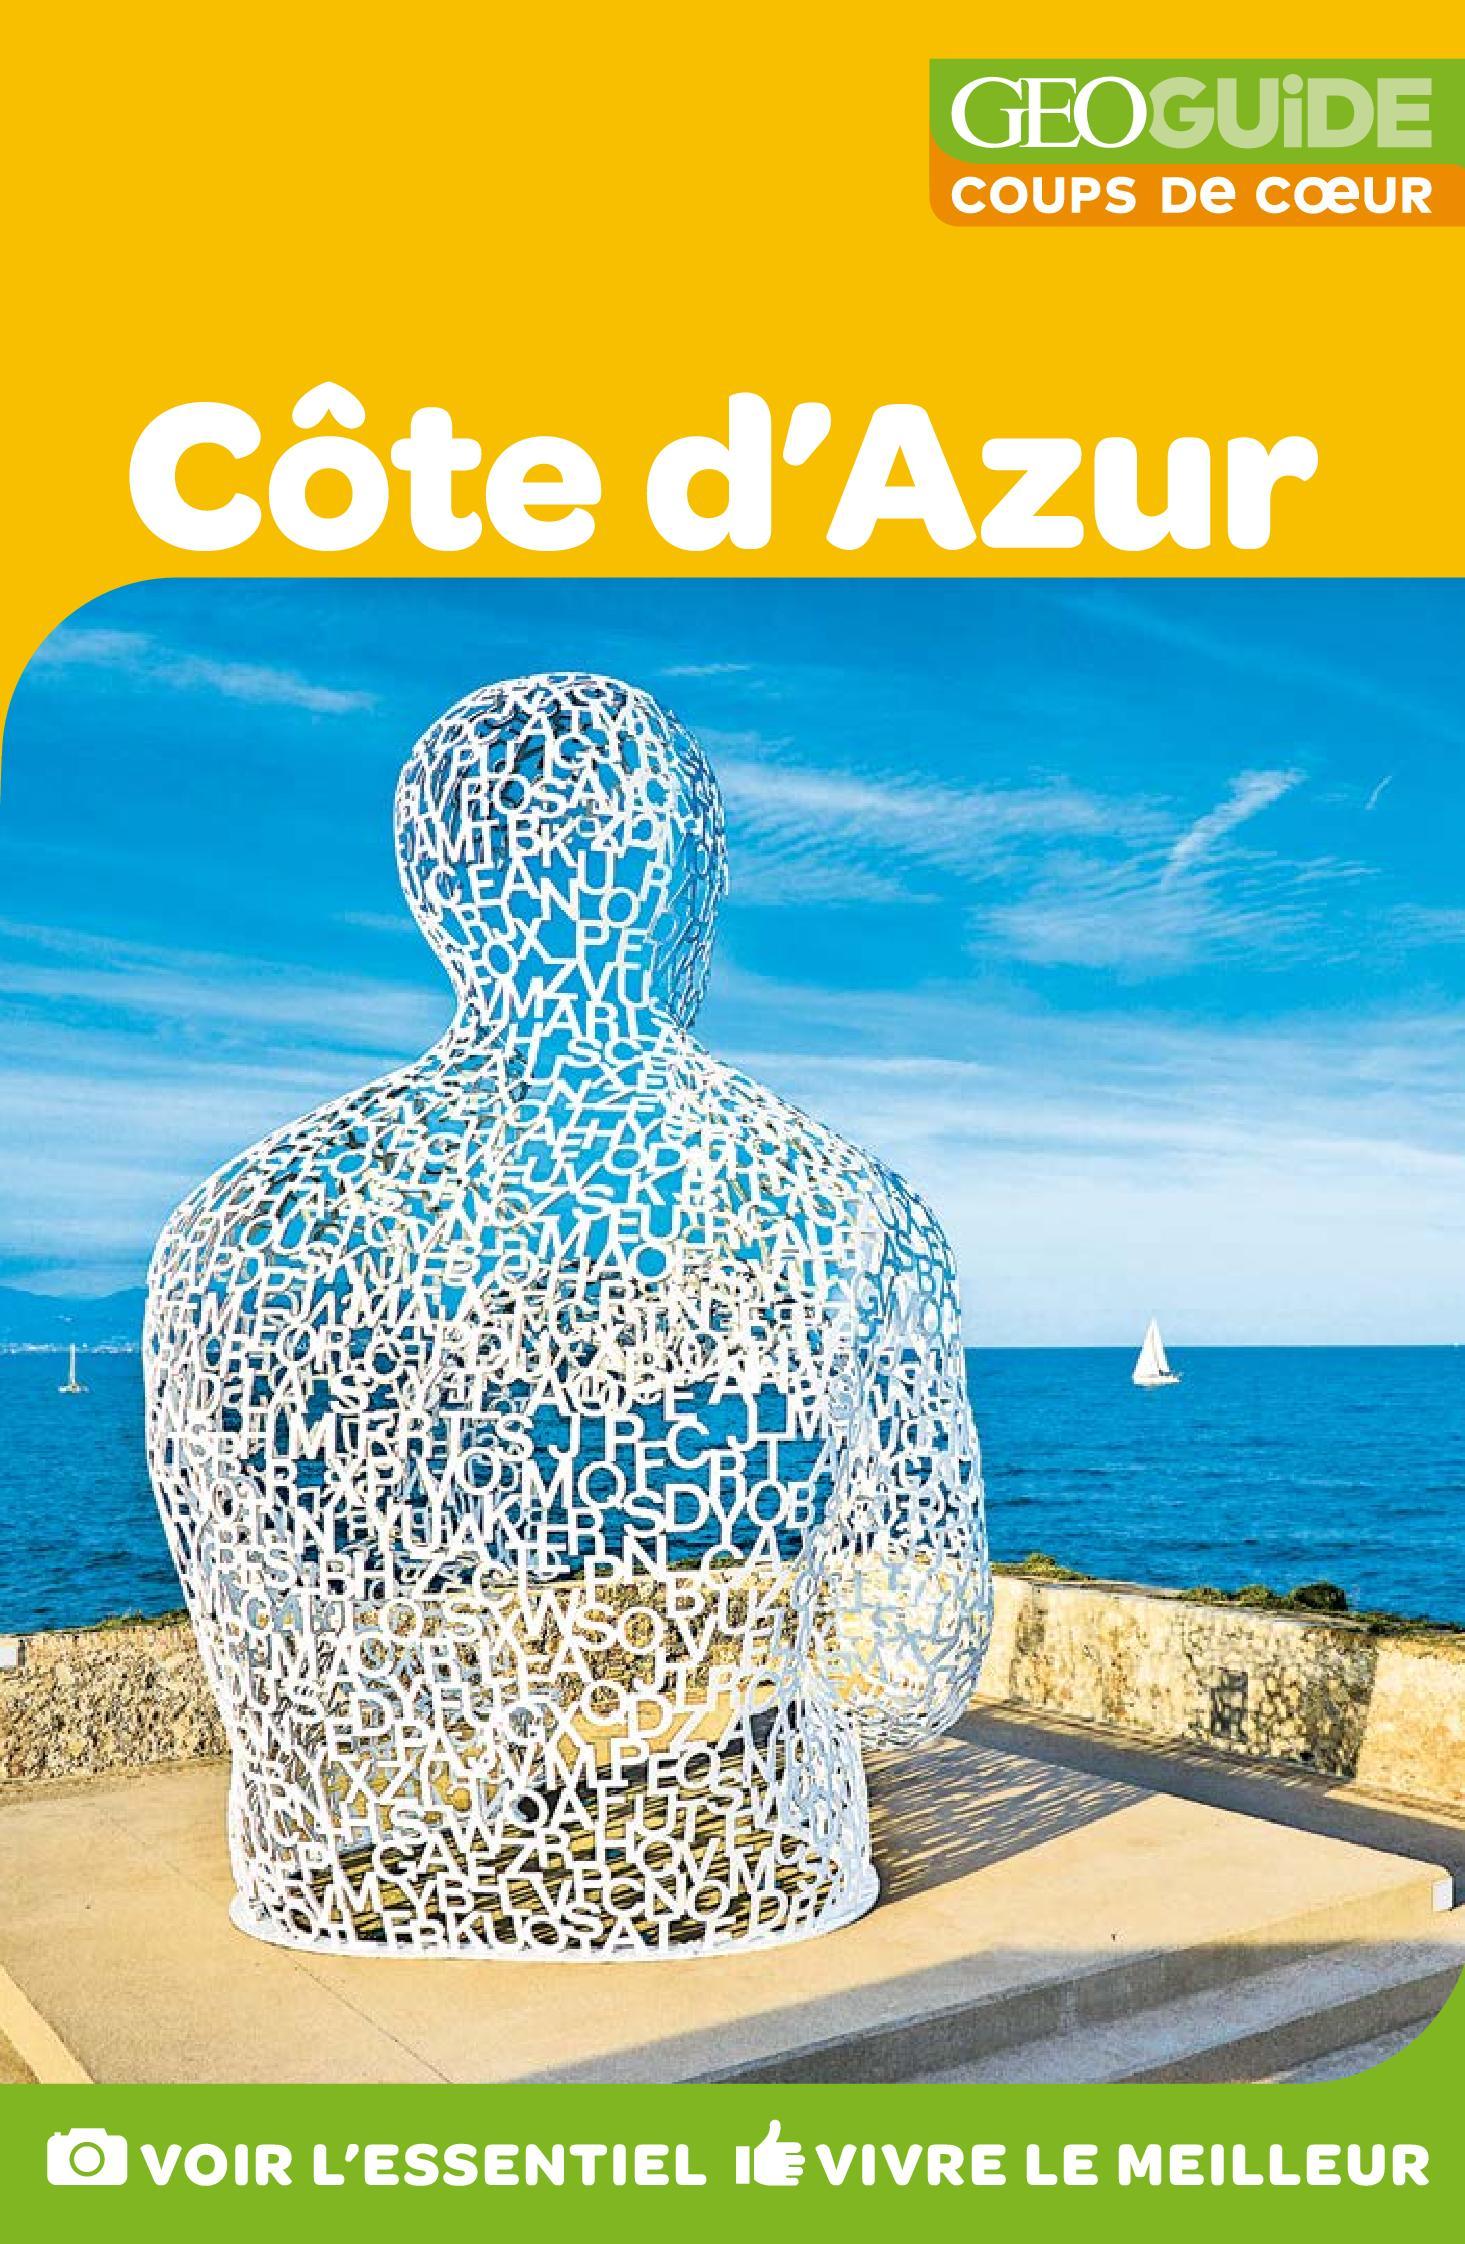 GEOguide Coups de coeur Côte d'Azur | Collectif Gallimard Loisirs,